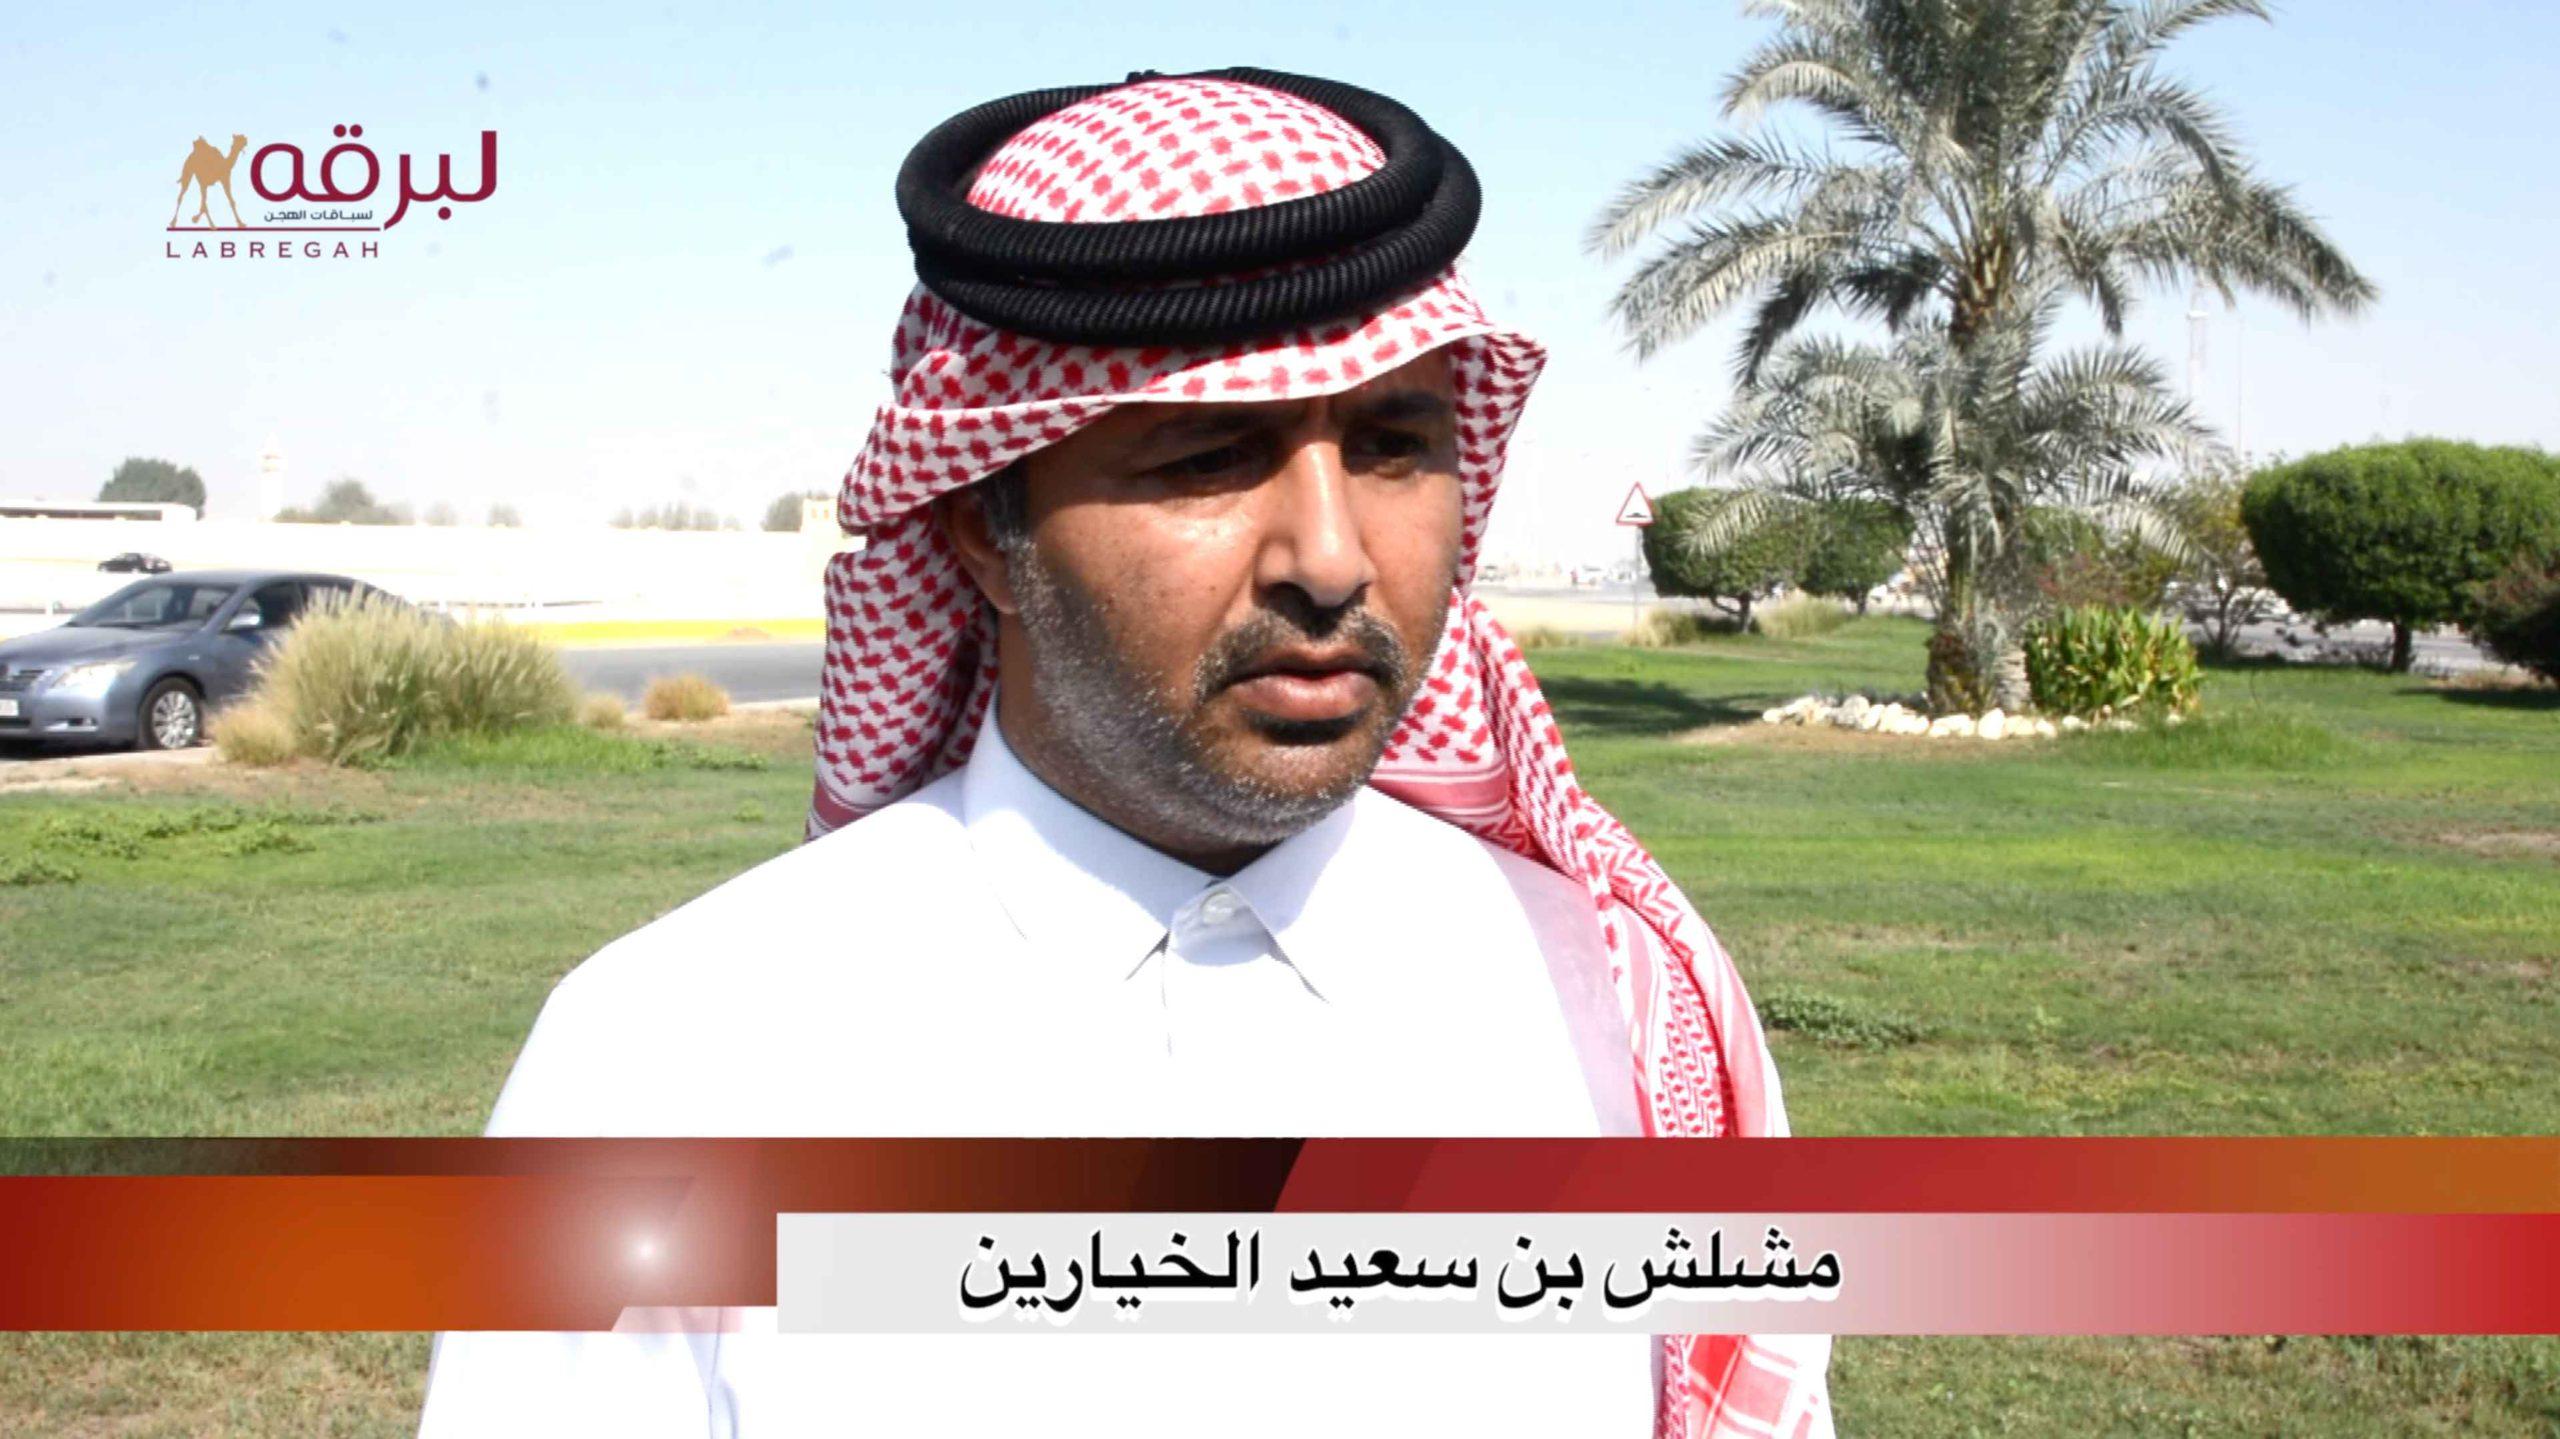 لقاء مع مشلش بن سعيد الخيارين.. الشوط الرئيسي للزمول إنتاج الأشواط العامة ٢٧-٩-٢٠٢٠